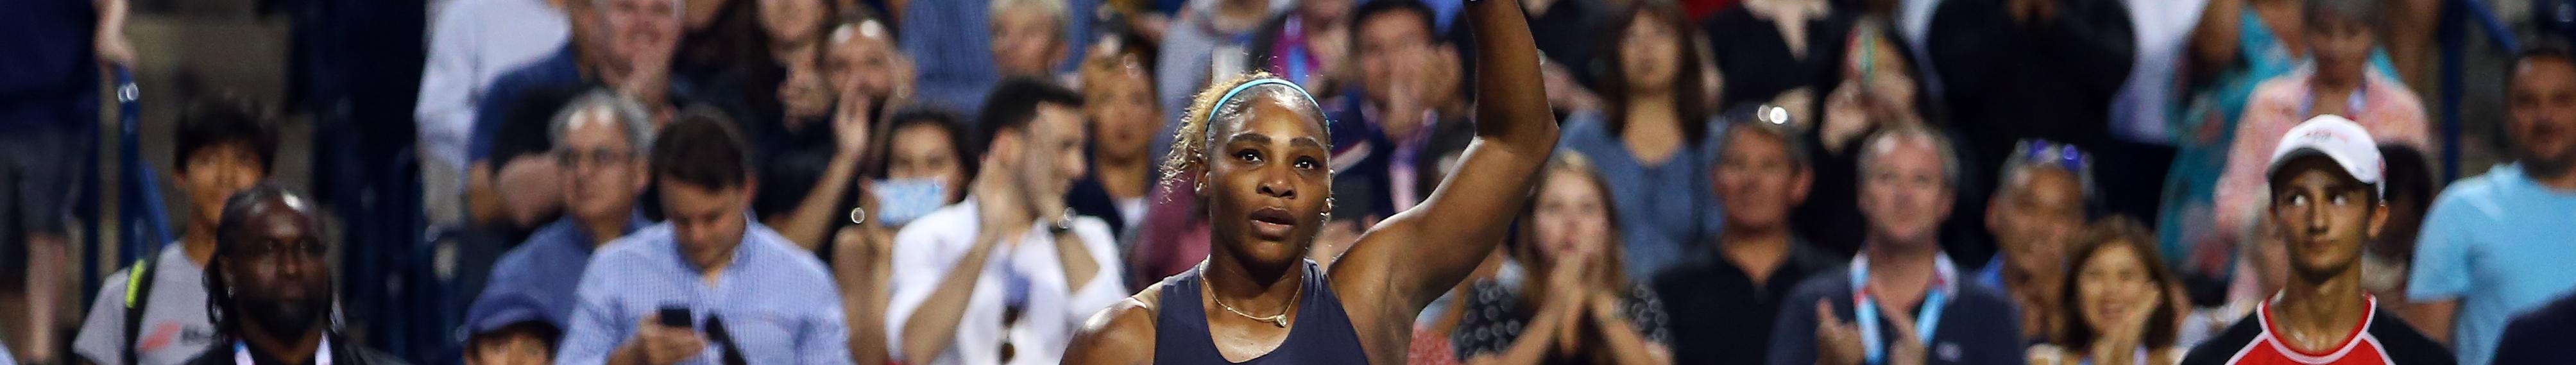 Σερένα Γουίλιαμς - Σαράποβα: Μεγάλο ραντεβού στο US Open!